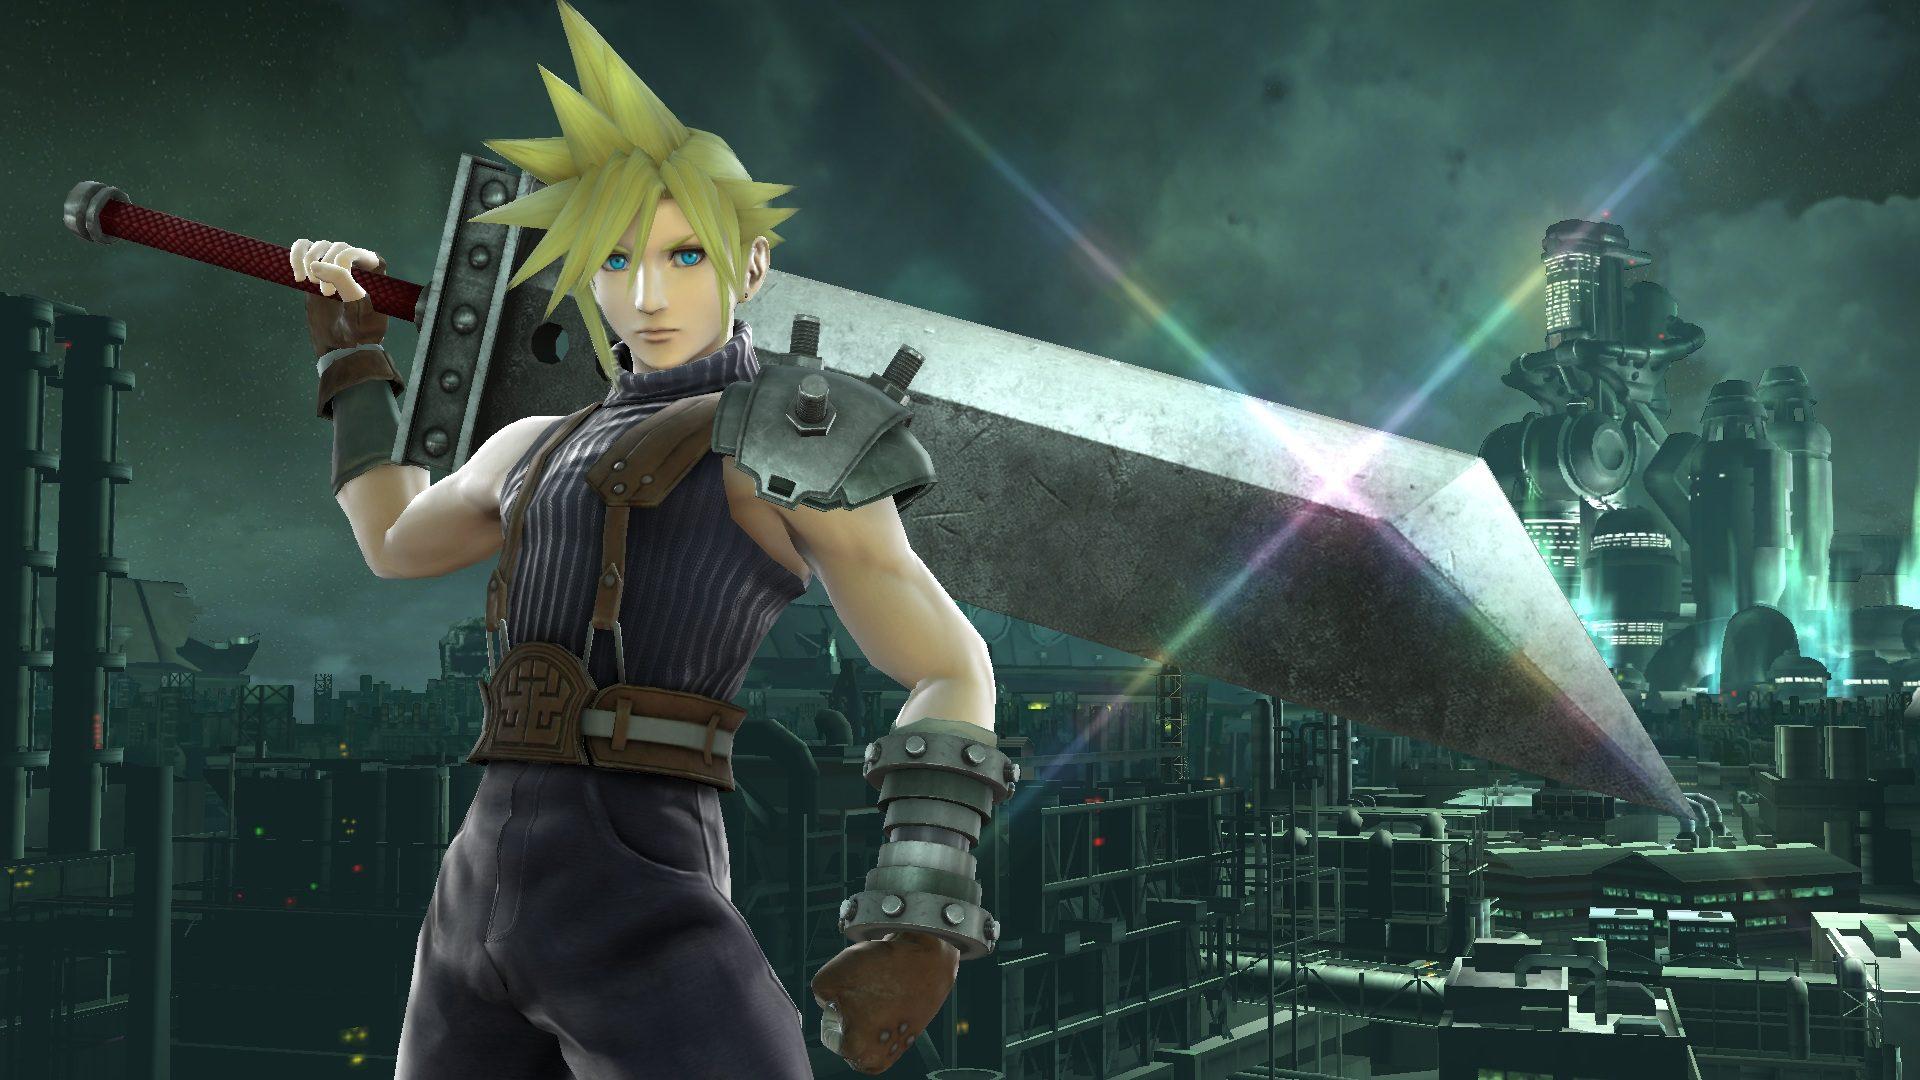 Juega como Cloud Strife de Final Fantasy VII en Resident Evil 2 Remake